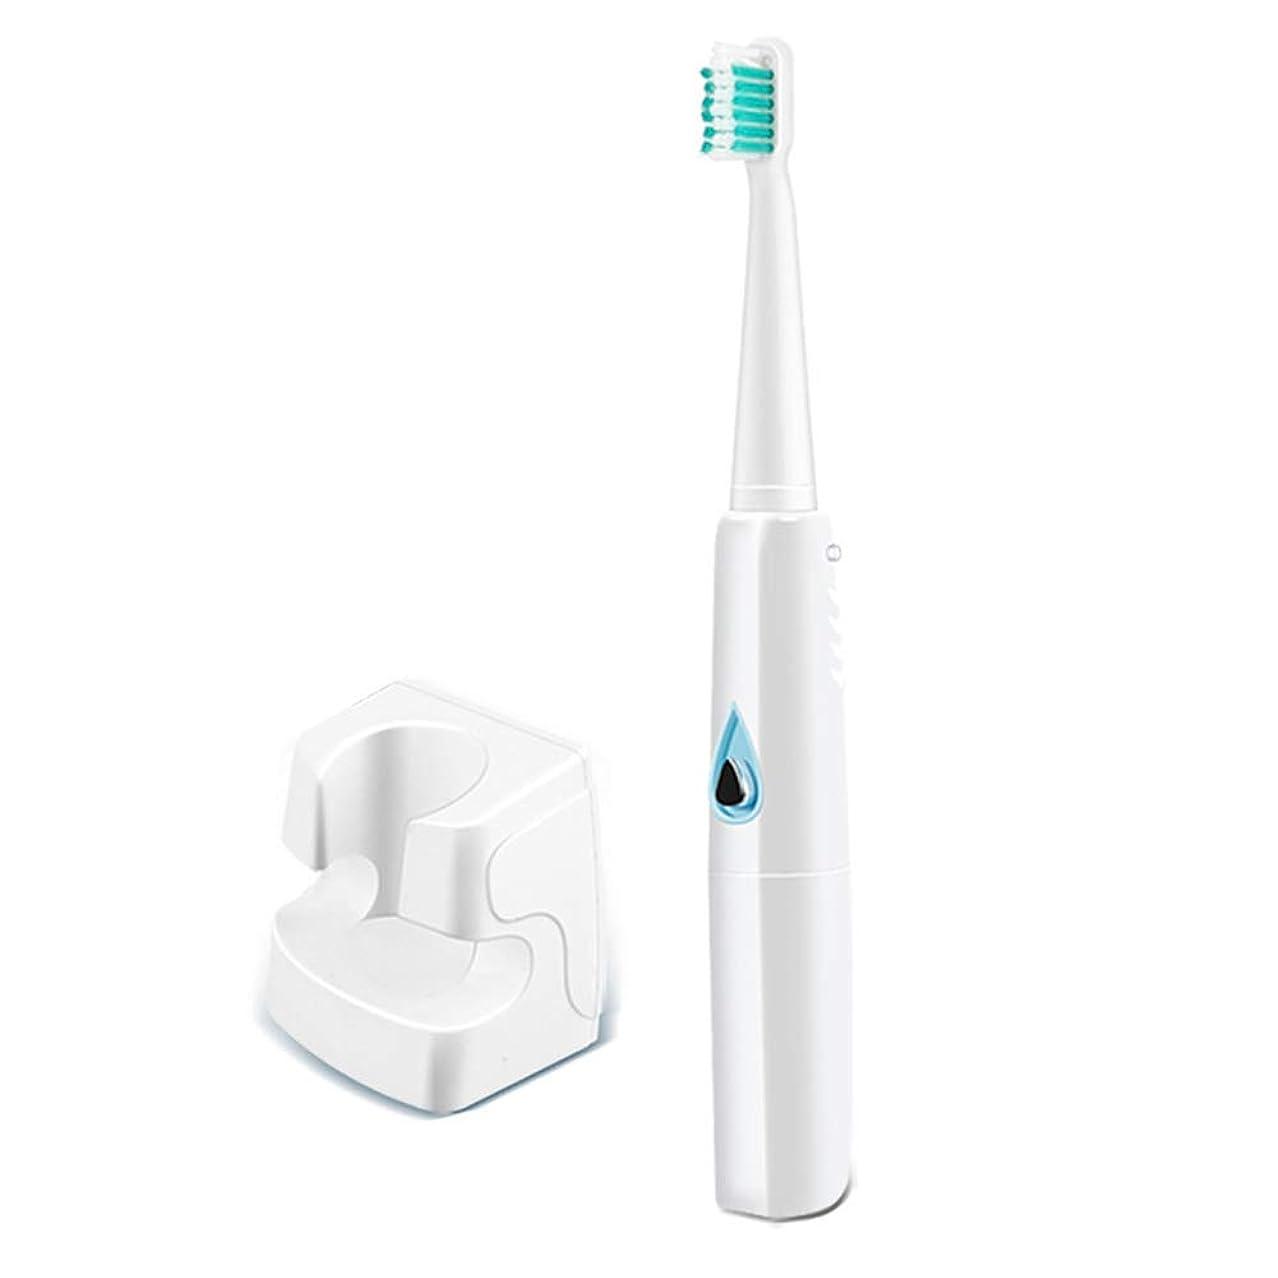 ソニック歯ブラシ、電動歯ブラシ、簡単に掃除するための3つの交換用ヘッド付きUSB充電式ソニック歯ブラシ、31000ストローク/分、防水